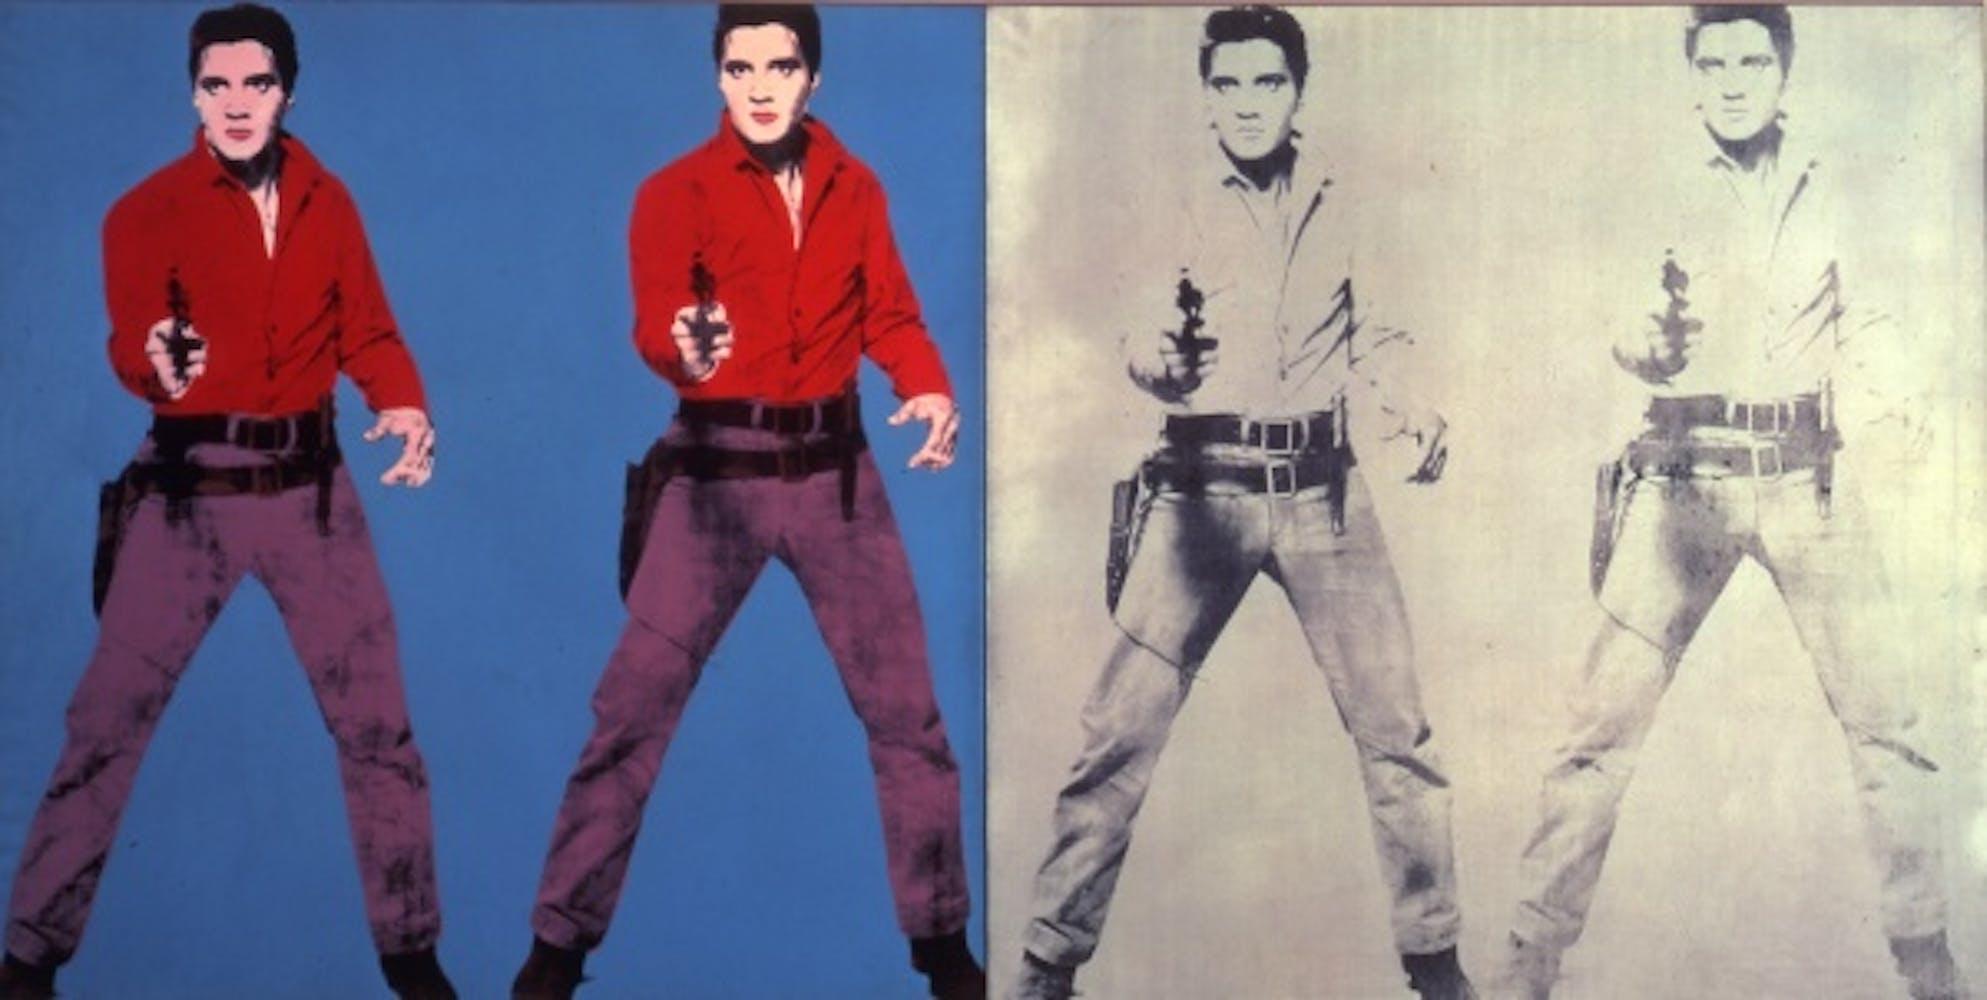 Andy Warhol, Elvis I & II, 1963